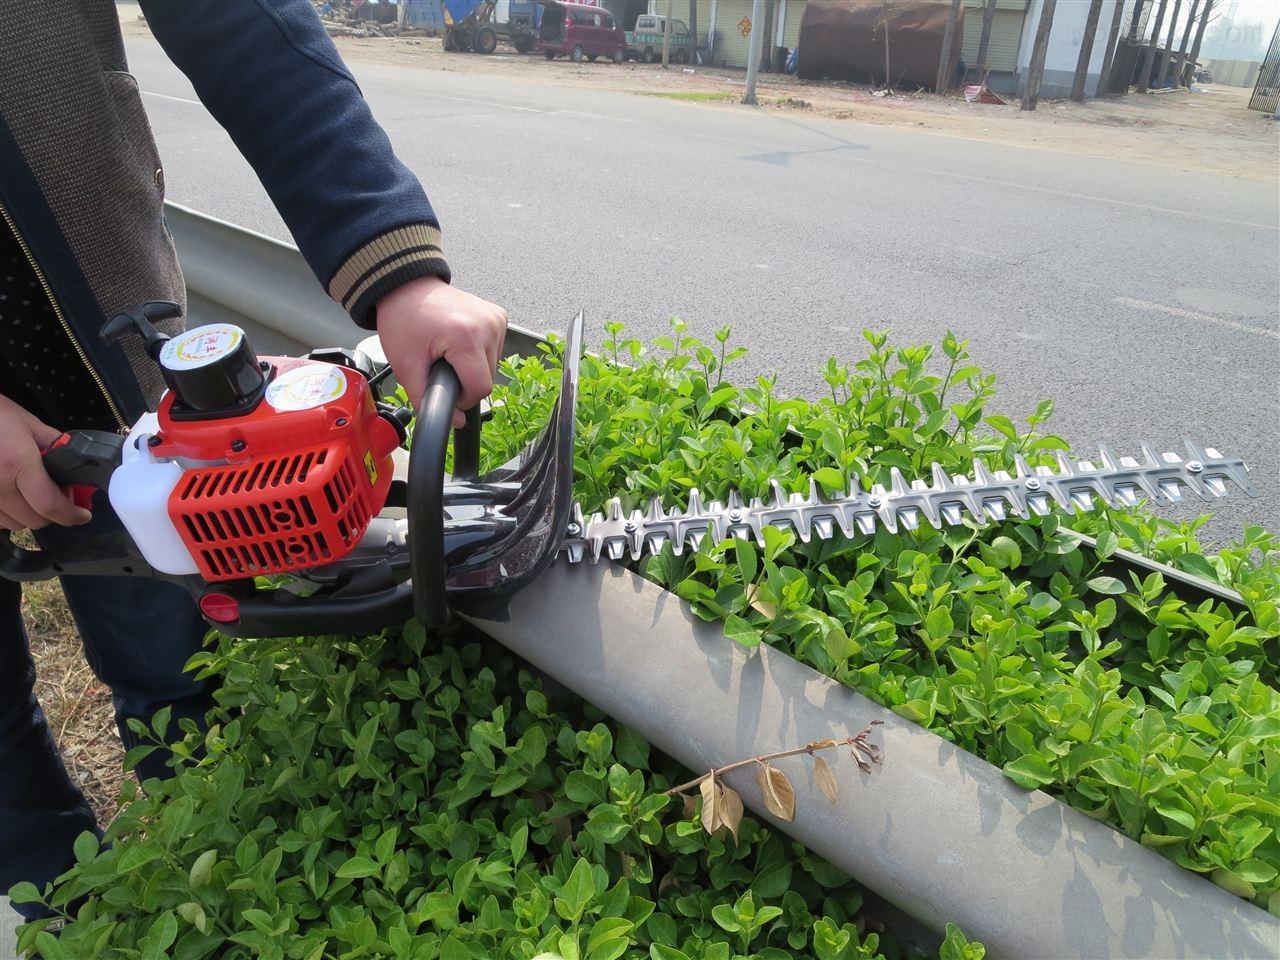 鲜花绿植修剪机 绿篱机质保一年 汽油剪枝篱